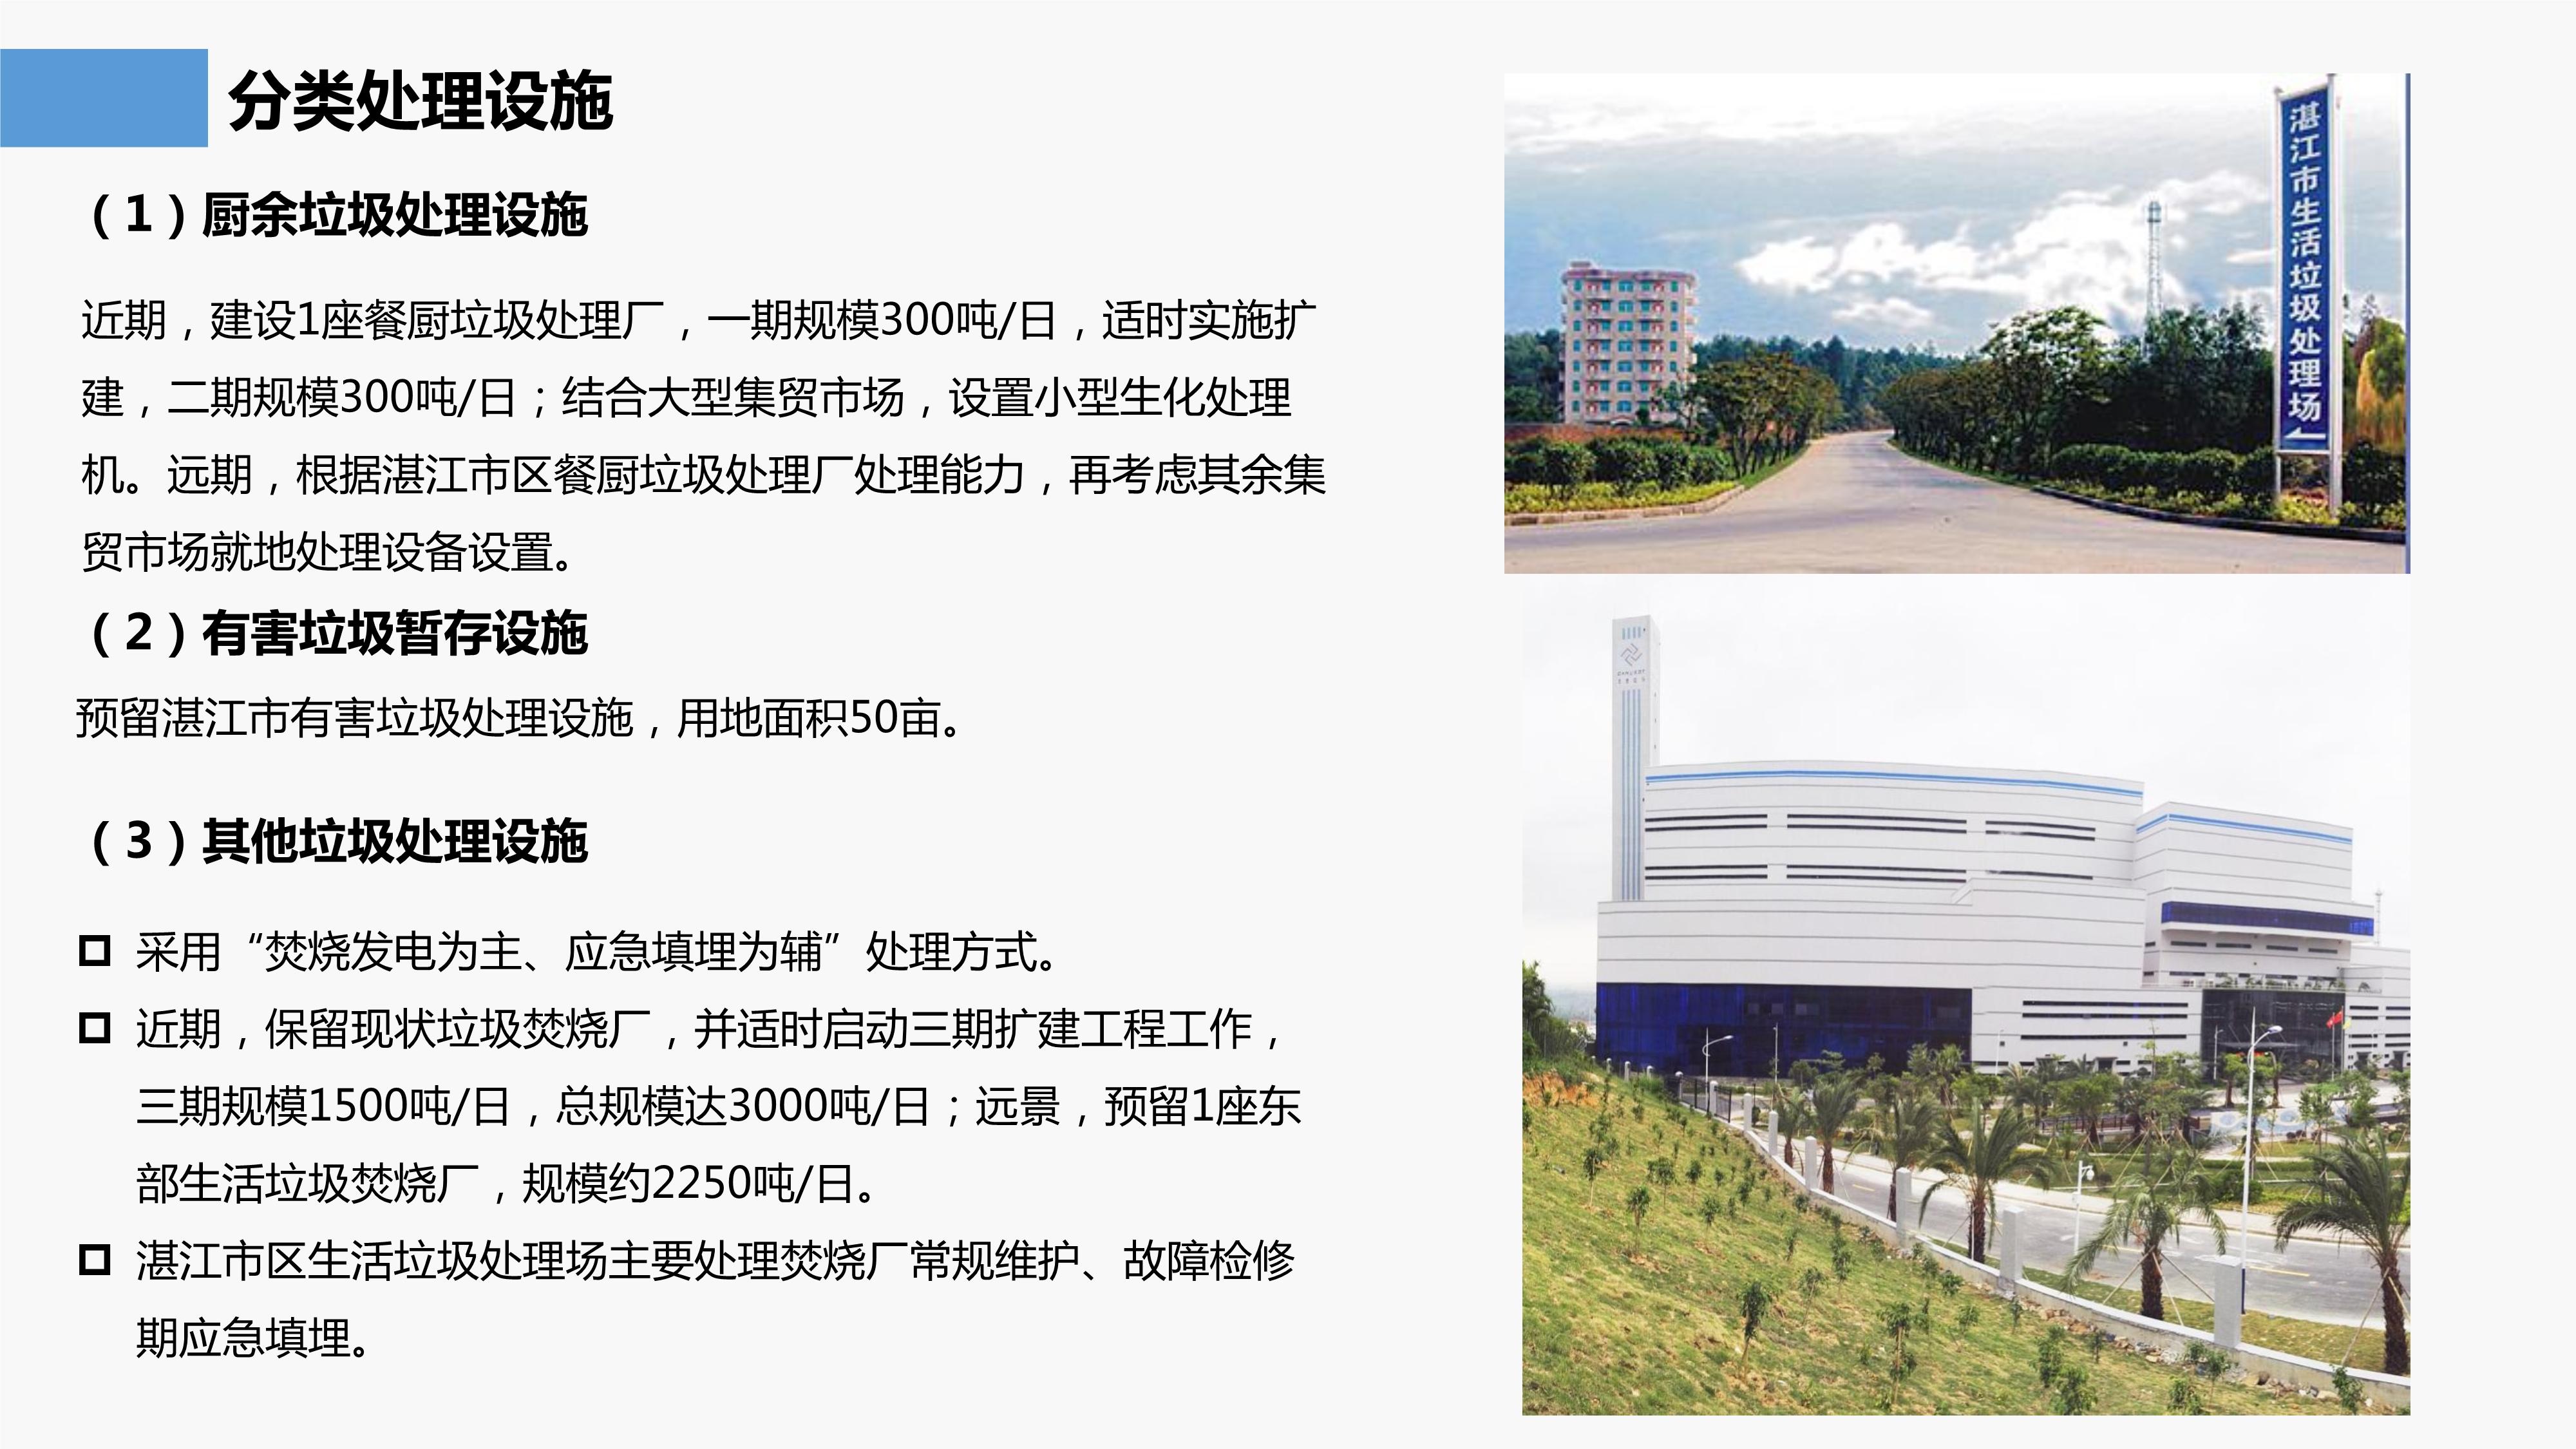 湛江市区生活垃圾分类专项规划(2020-2035年)政策解读(1)_7.jpg